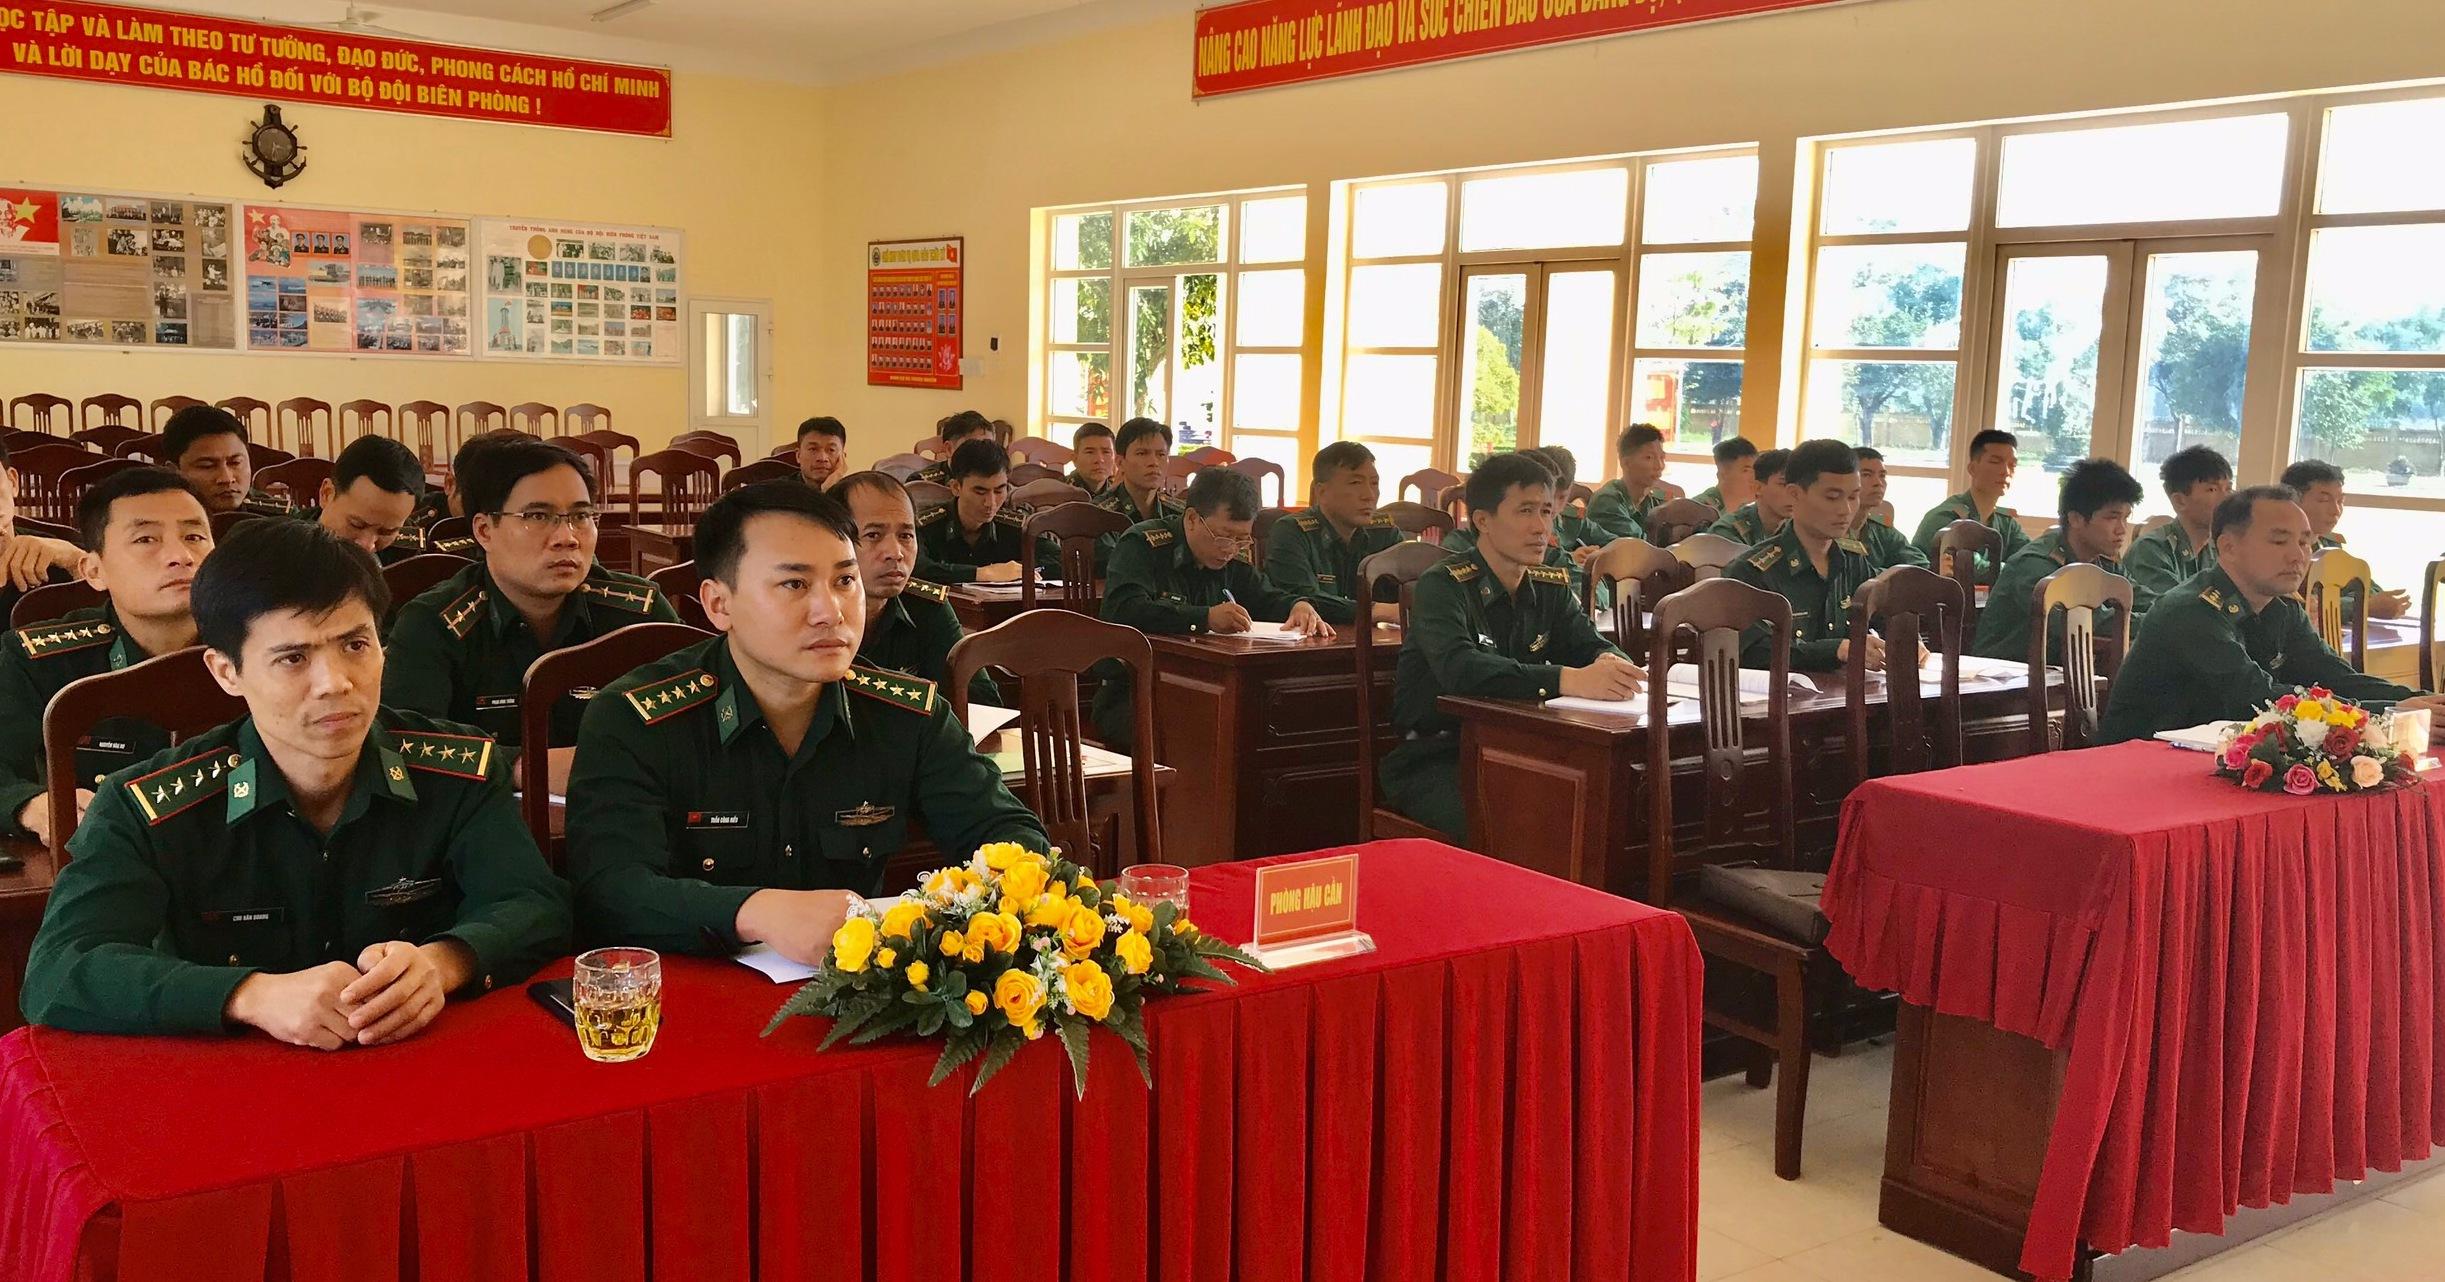 Bộ đội Biên phòng tỉnh Đắk Lắk tập huấn công tác hậu cần năm 2019